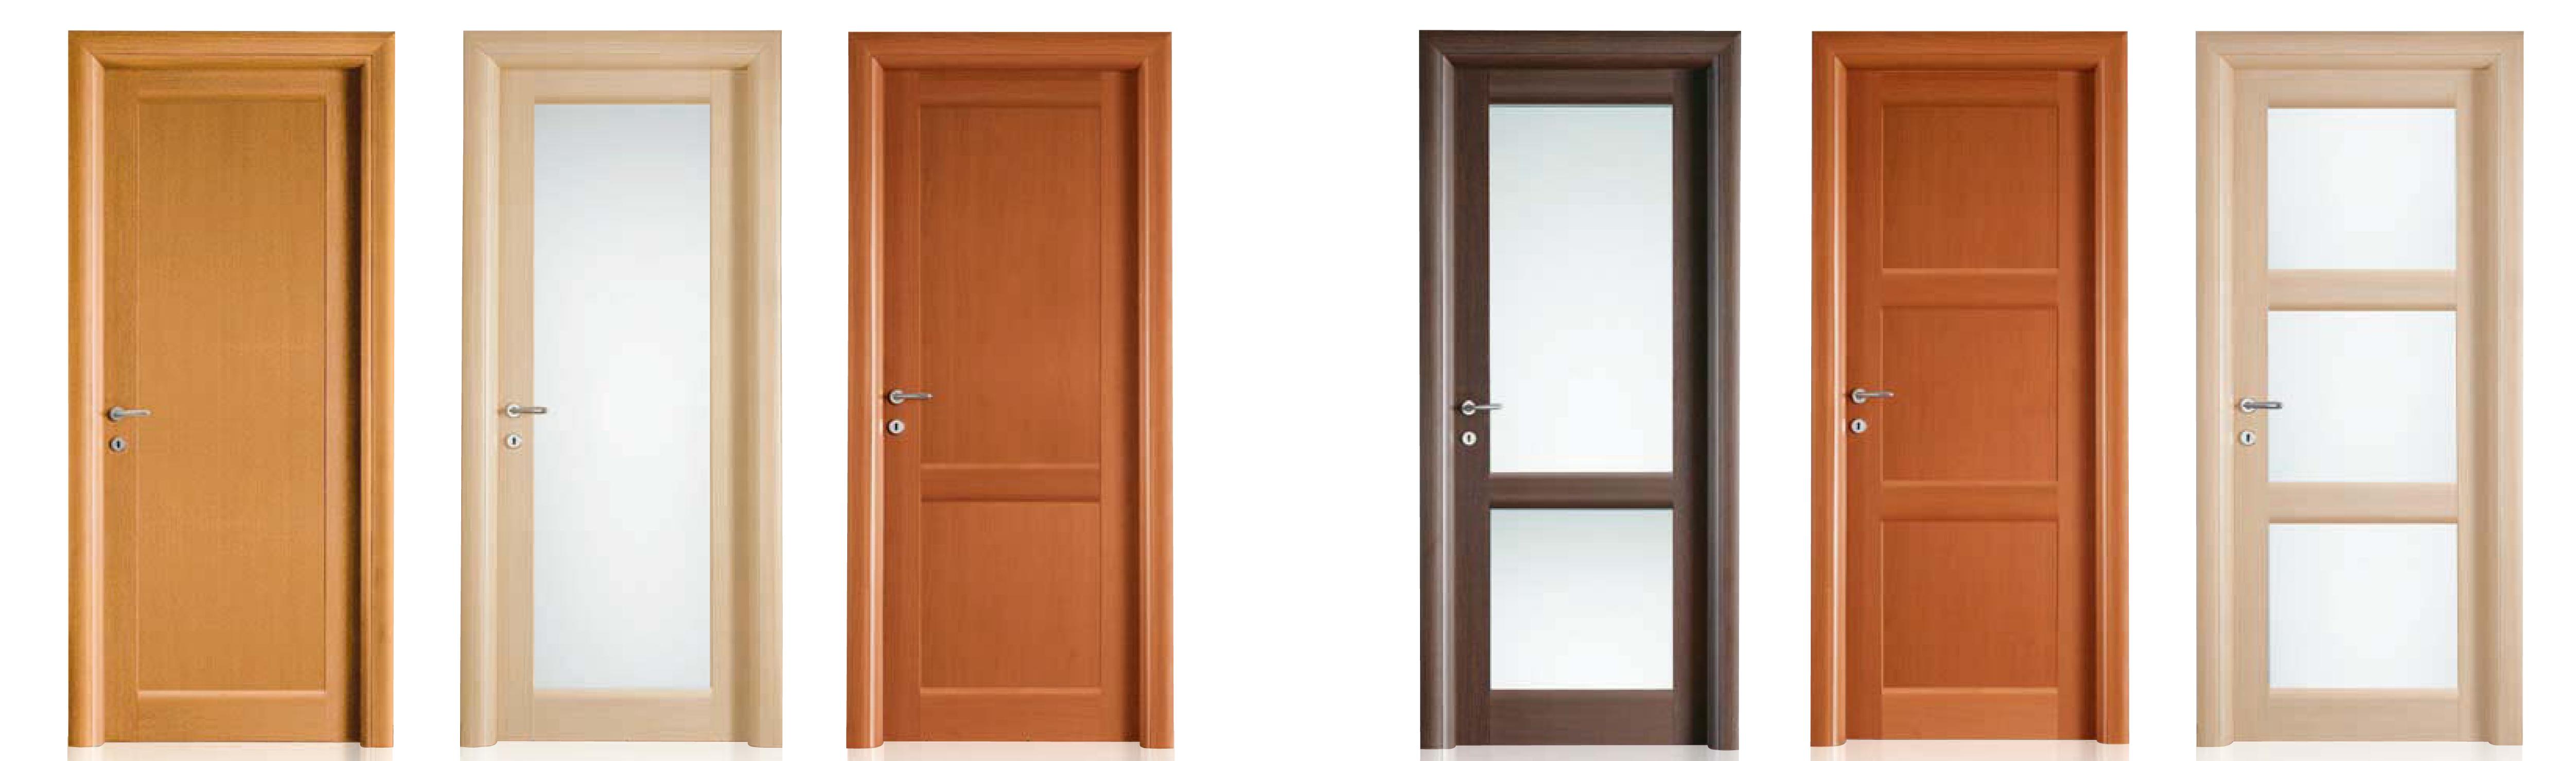 Porte Interne Obi ~ Idea Creativa Della Casa e Dell\'interior Design